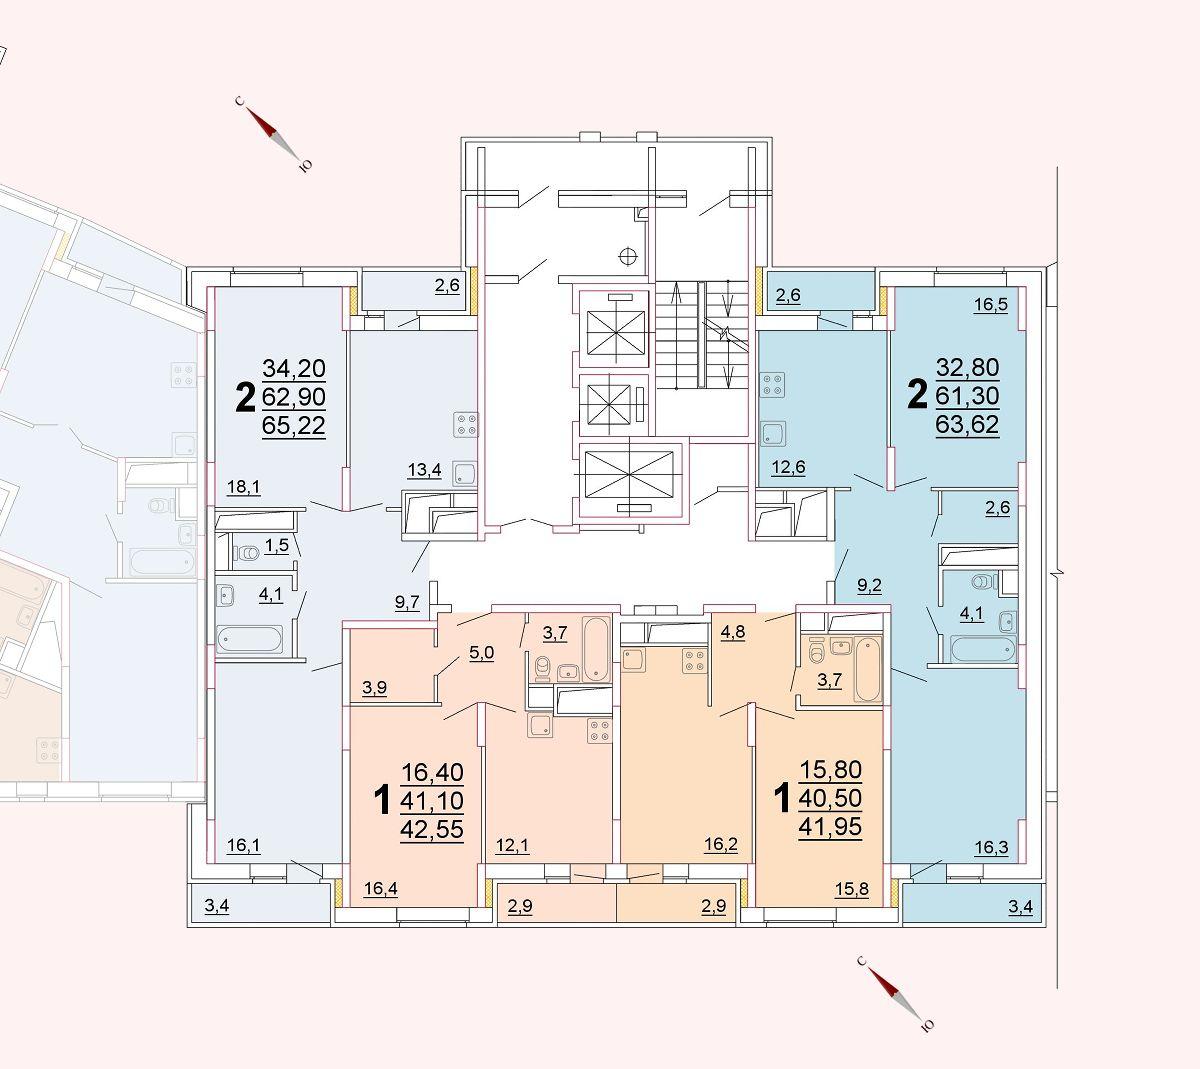 Микрорайон «Центральный», корпус 52г, секция 2, этаж/этажи 16-17